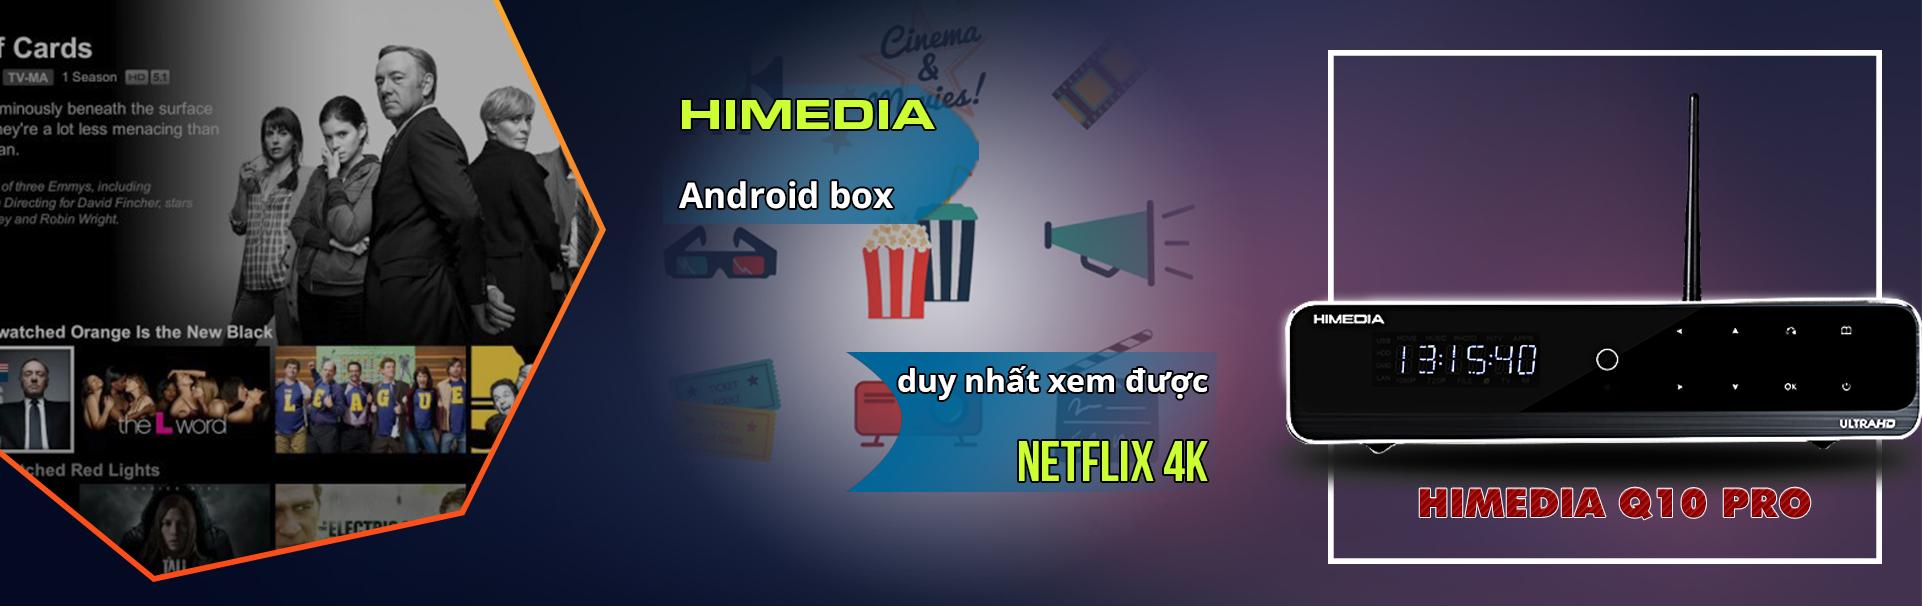 android box xem netflix 4k